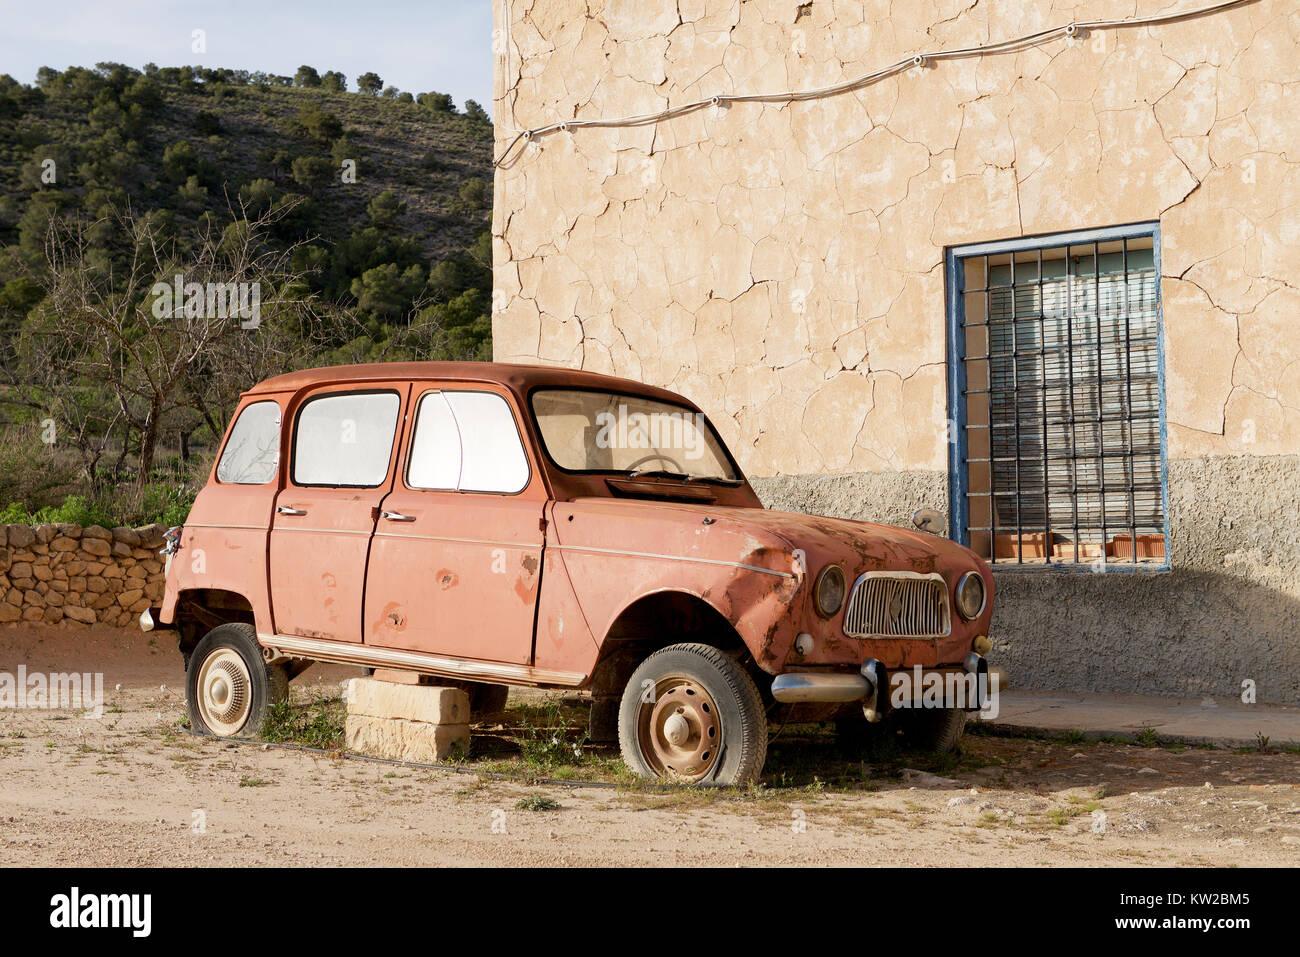 Ancienne Voiture Renault 4l Sur Des Blocs Dans La Campagne Photo Stock Alamy